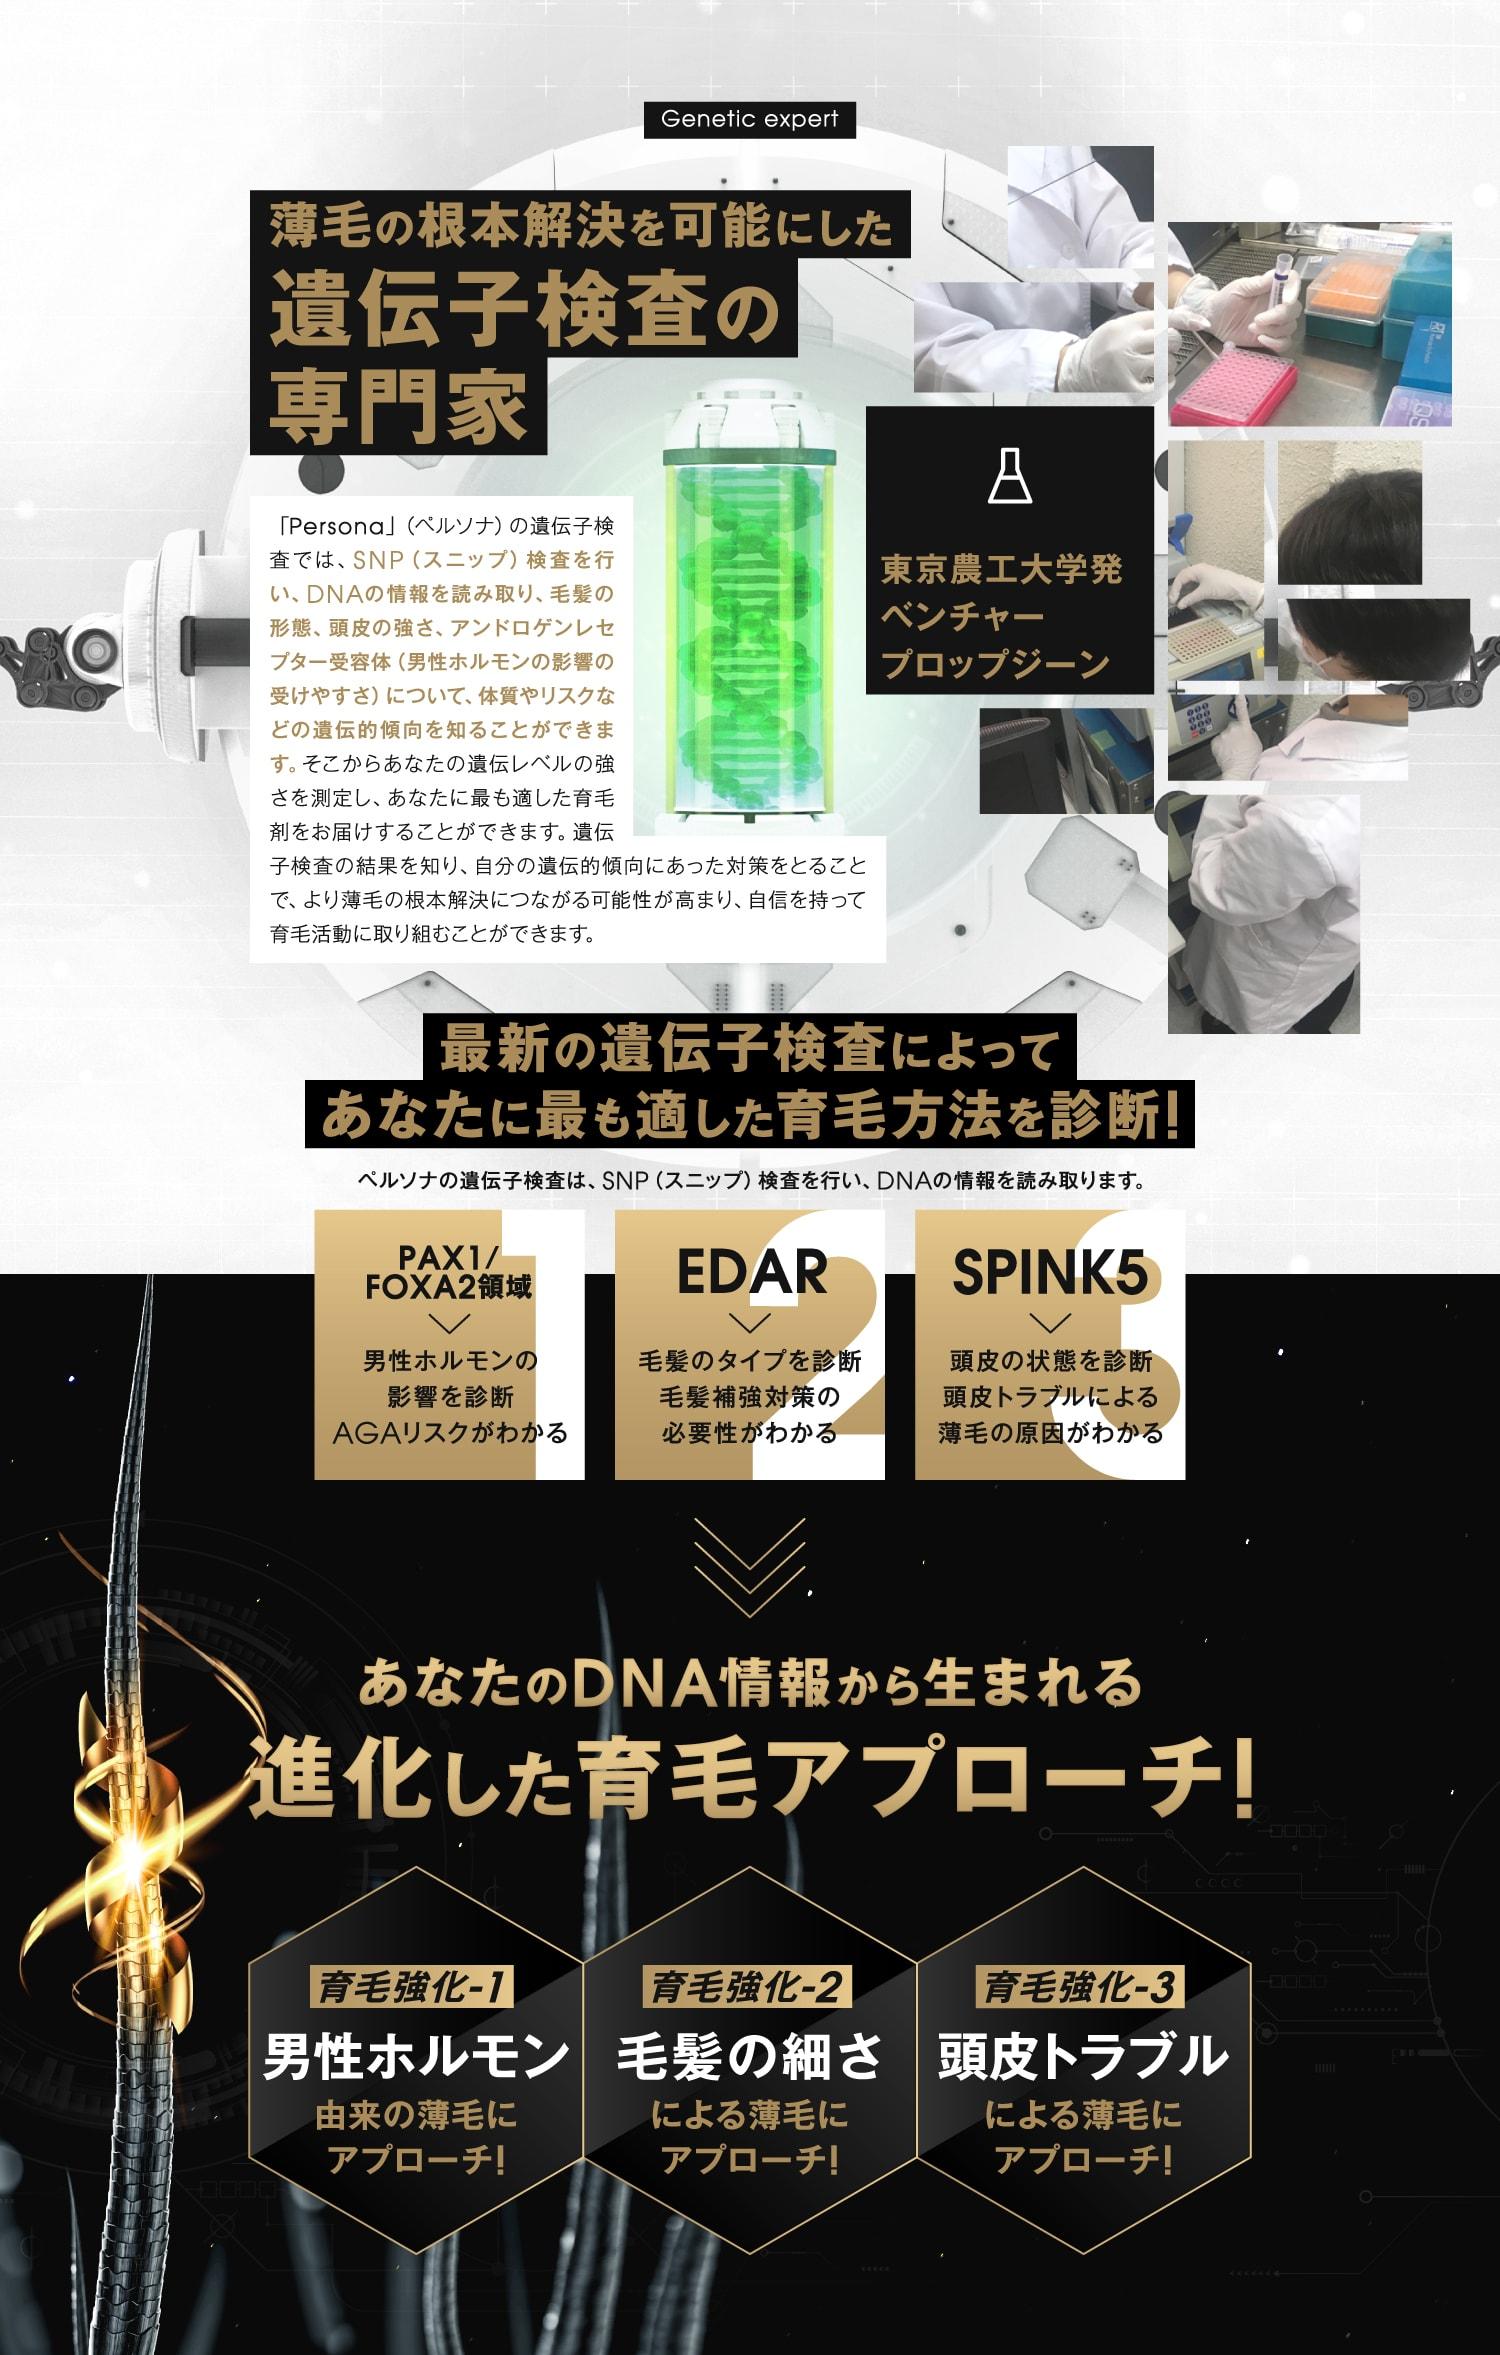 Persona-ペルソナ- 遺伝子検査からの本物の育毛剤への挑戦!育毛革命!